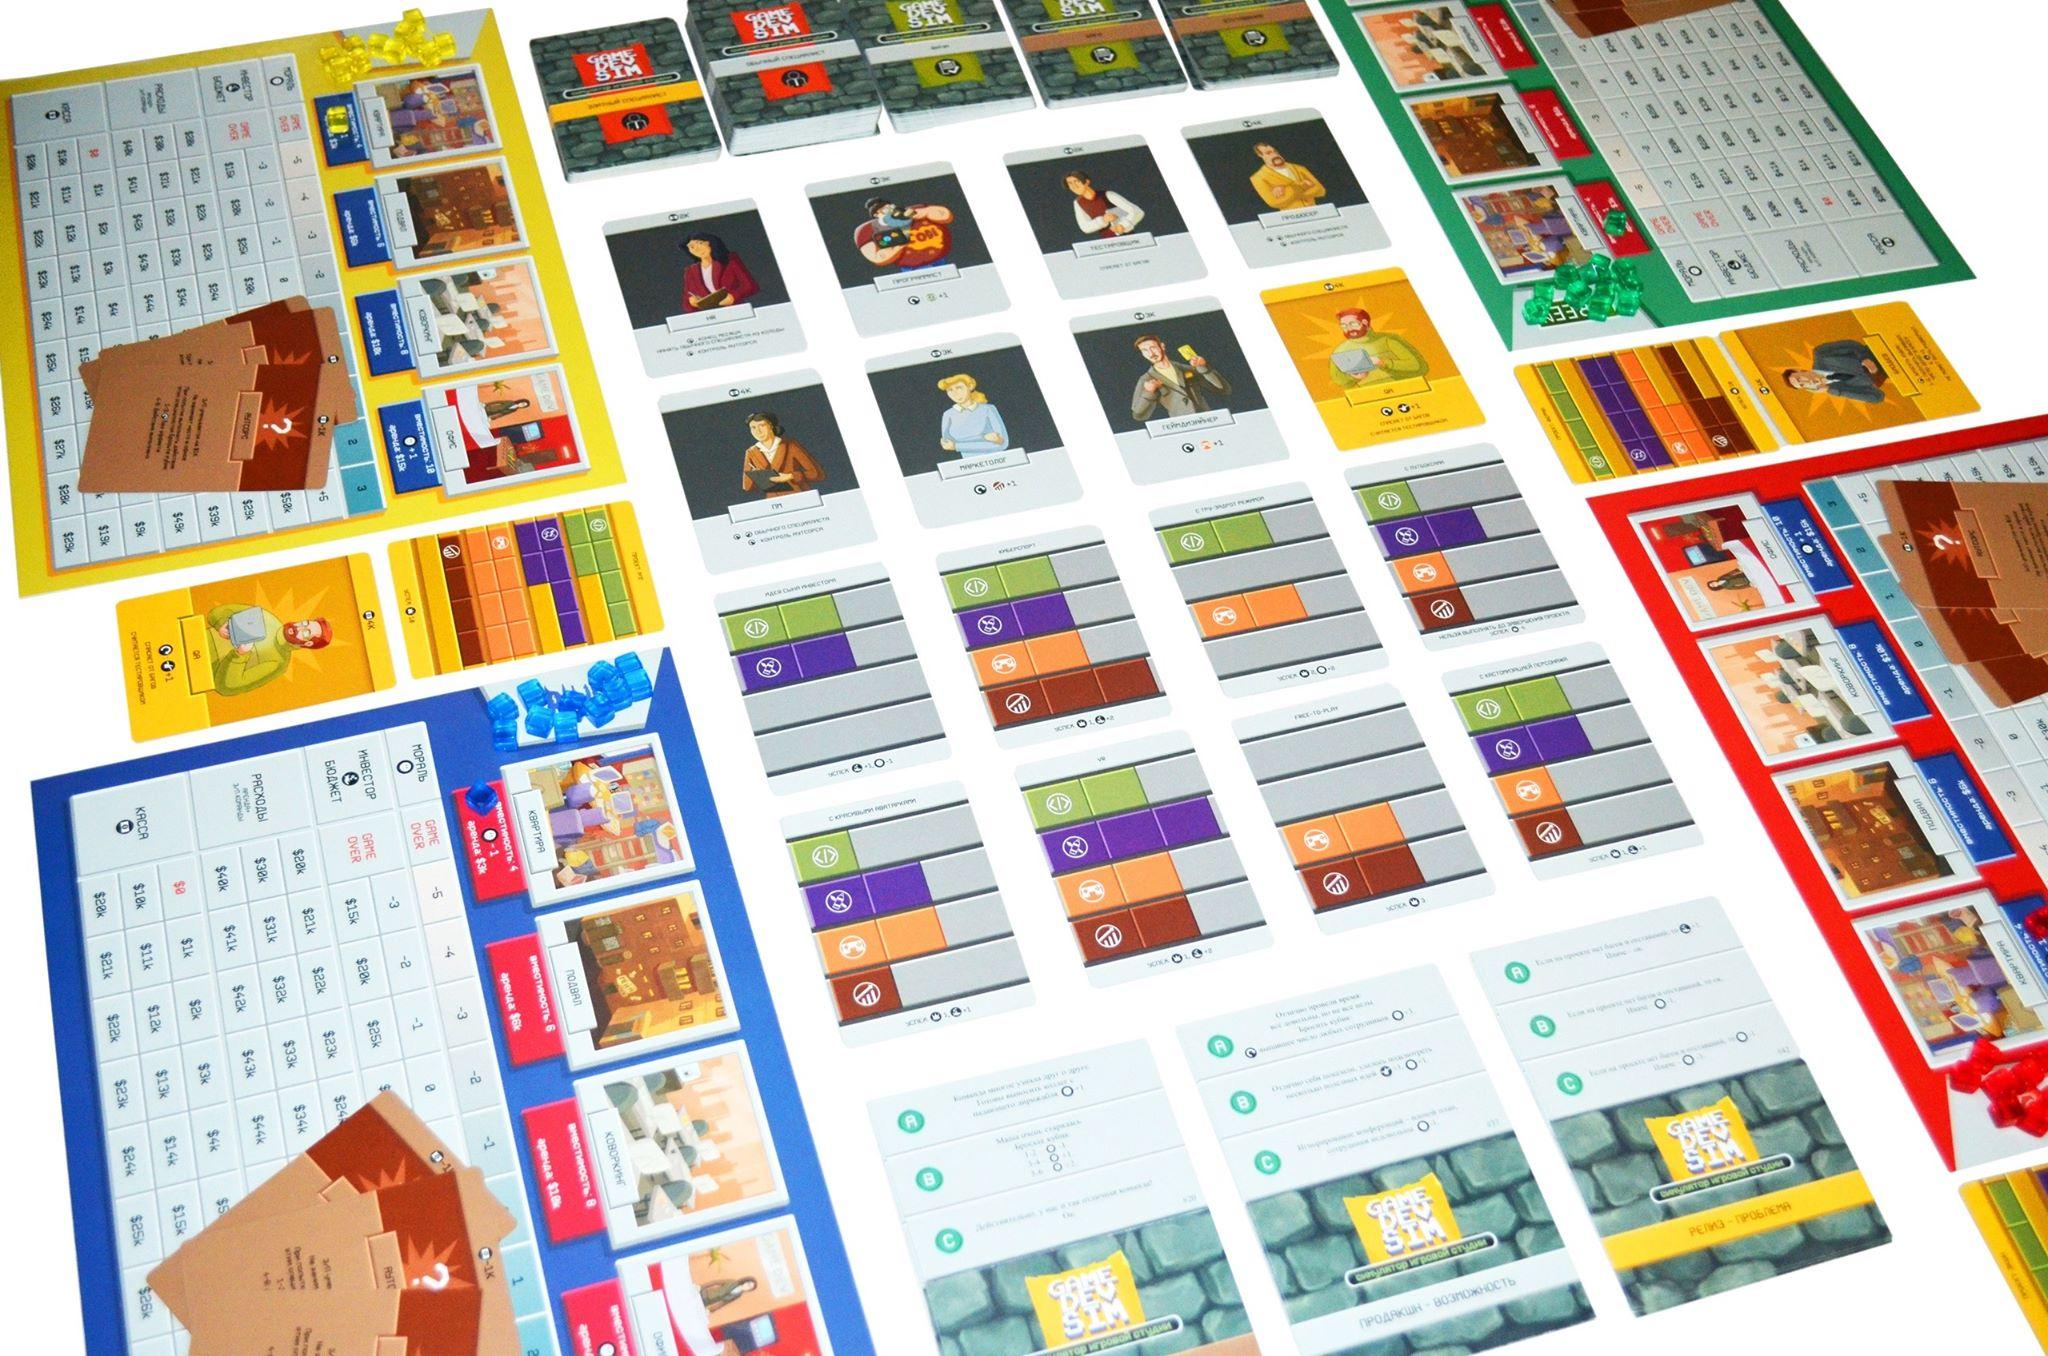 Game Dev Sim: настолка посвященная разработке игр. - Изображение 2